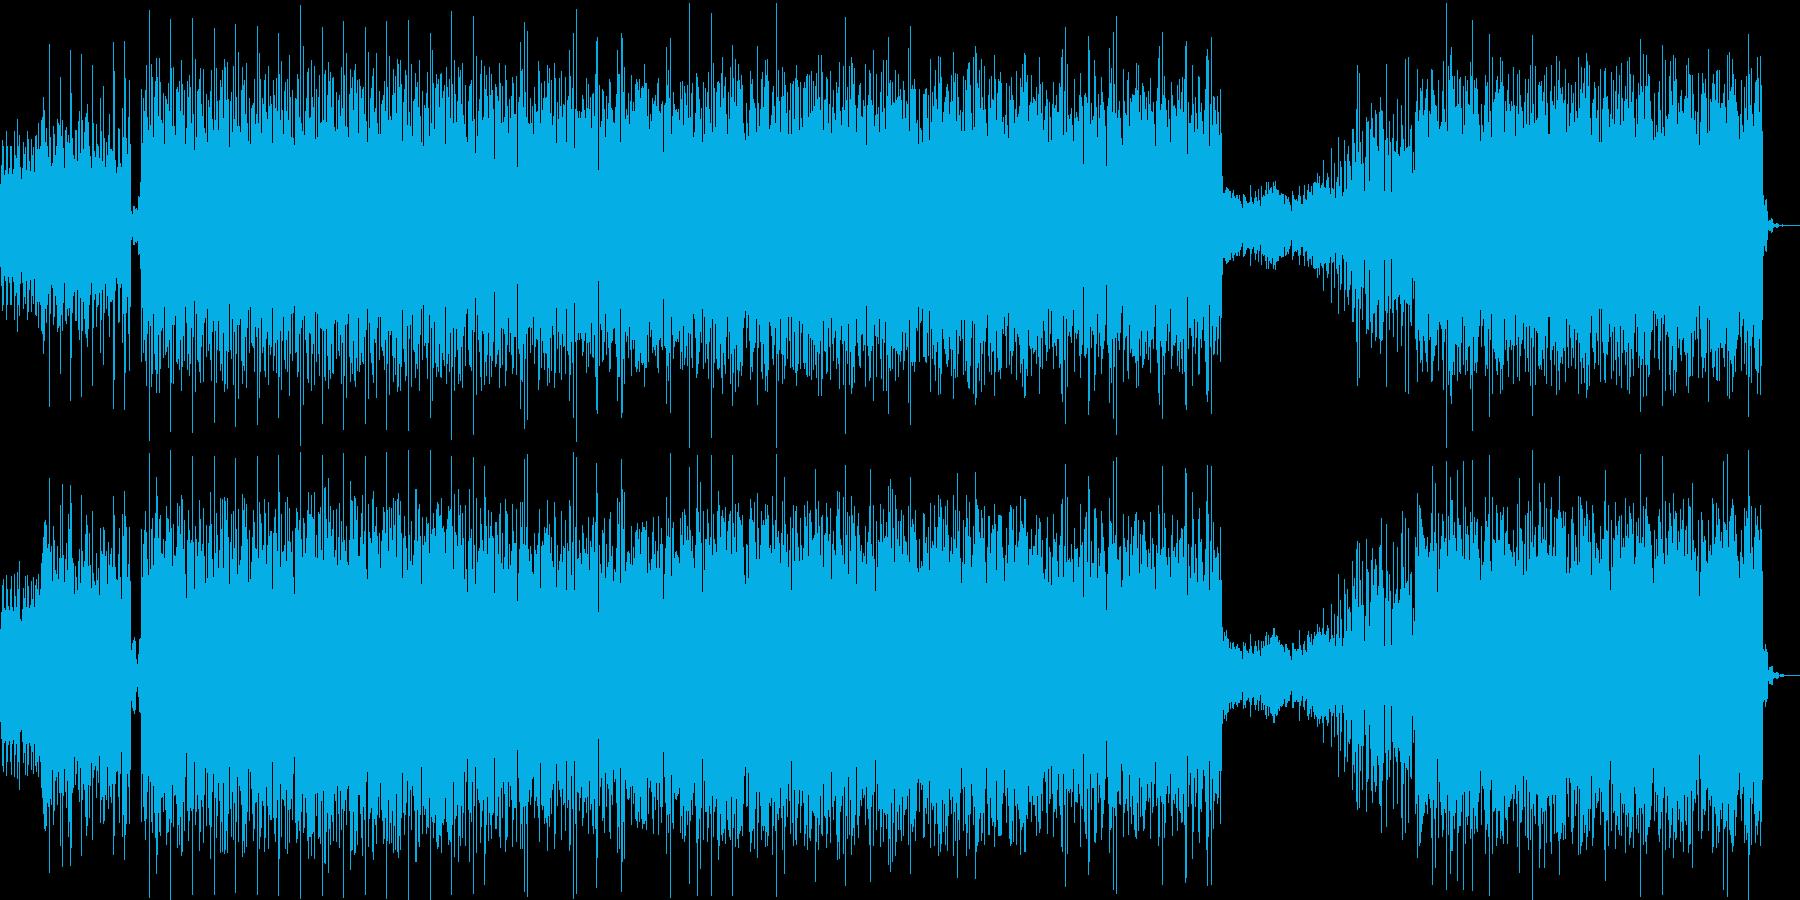 激しく妖しいテクノインストの再生済みの波形